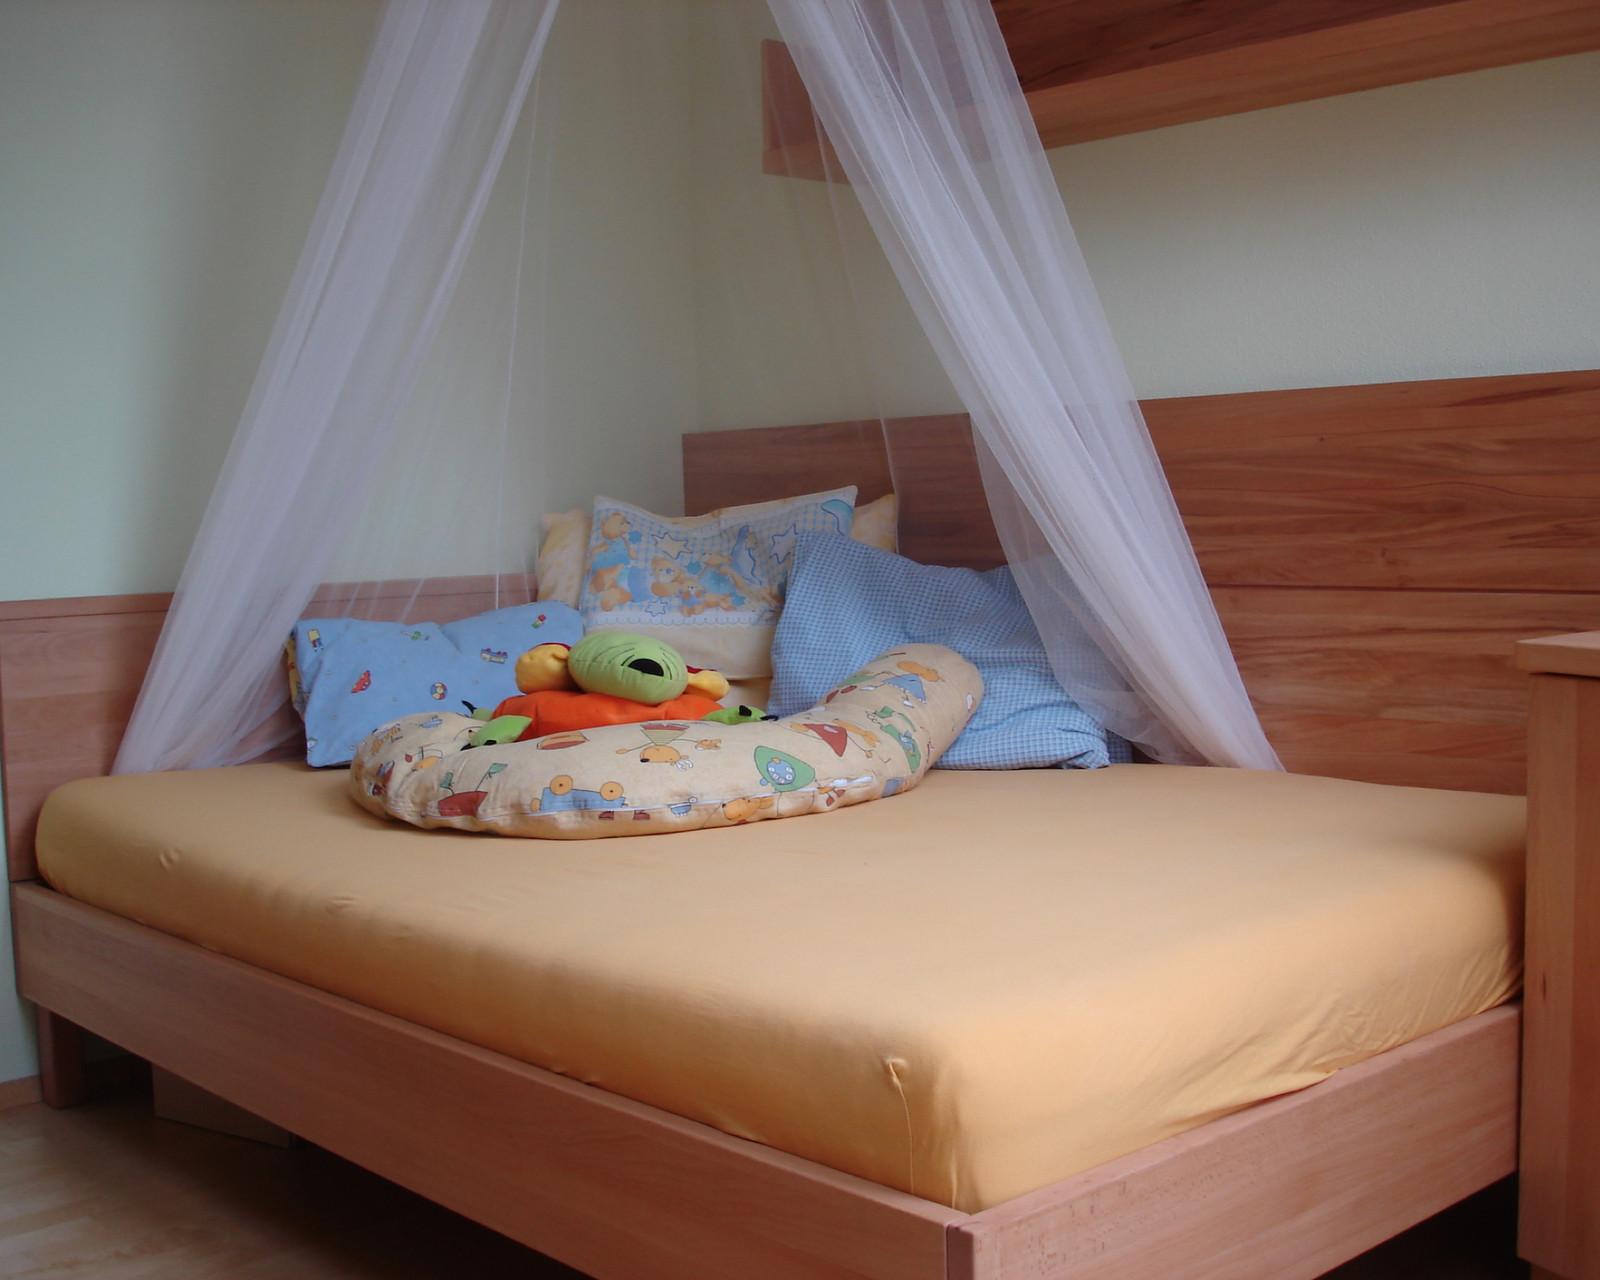 kinderzimmer tischlerei franz hauser. Black Bedroom Furniture Sets. Home Design Ideas